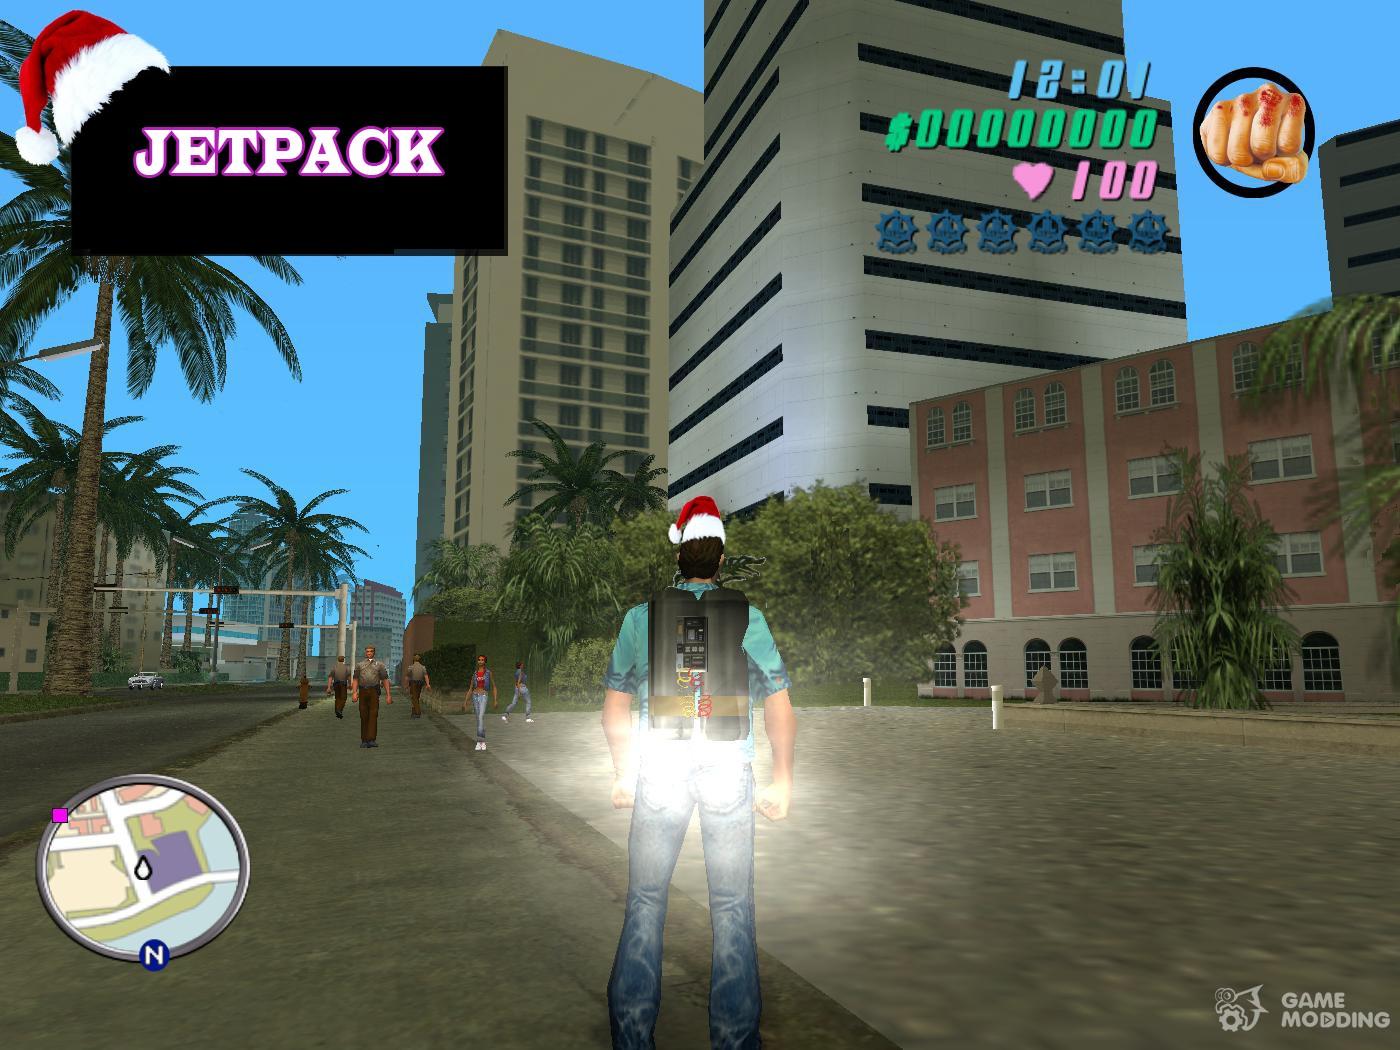 Gta Vice City На Андроид Моды